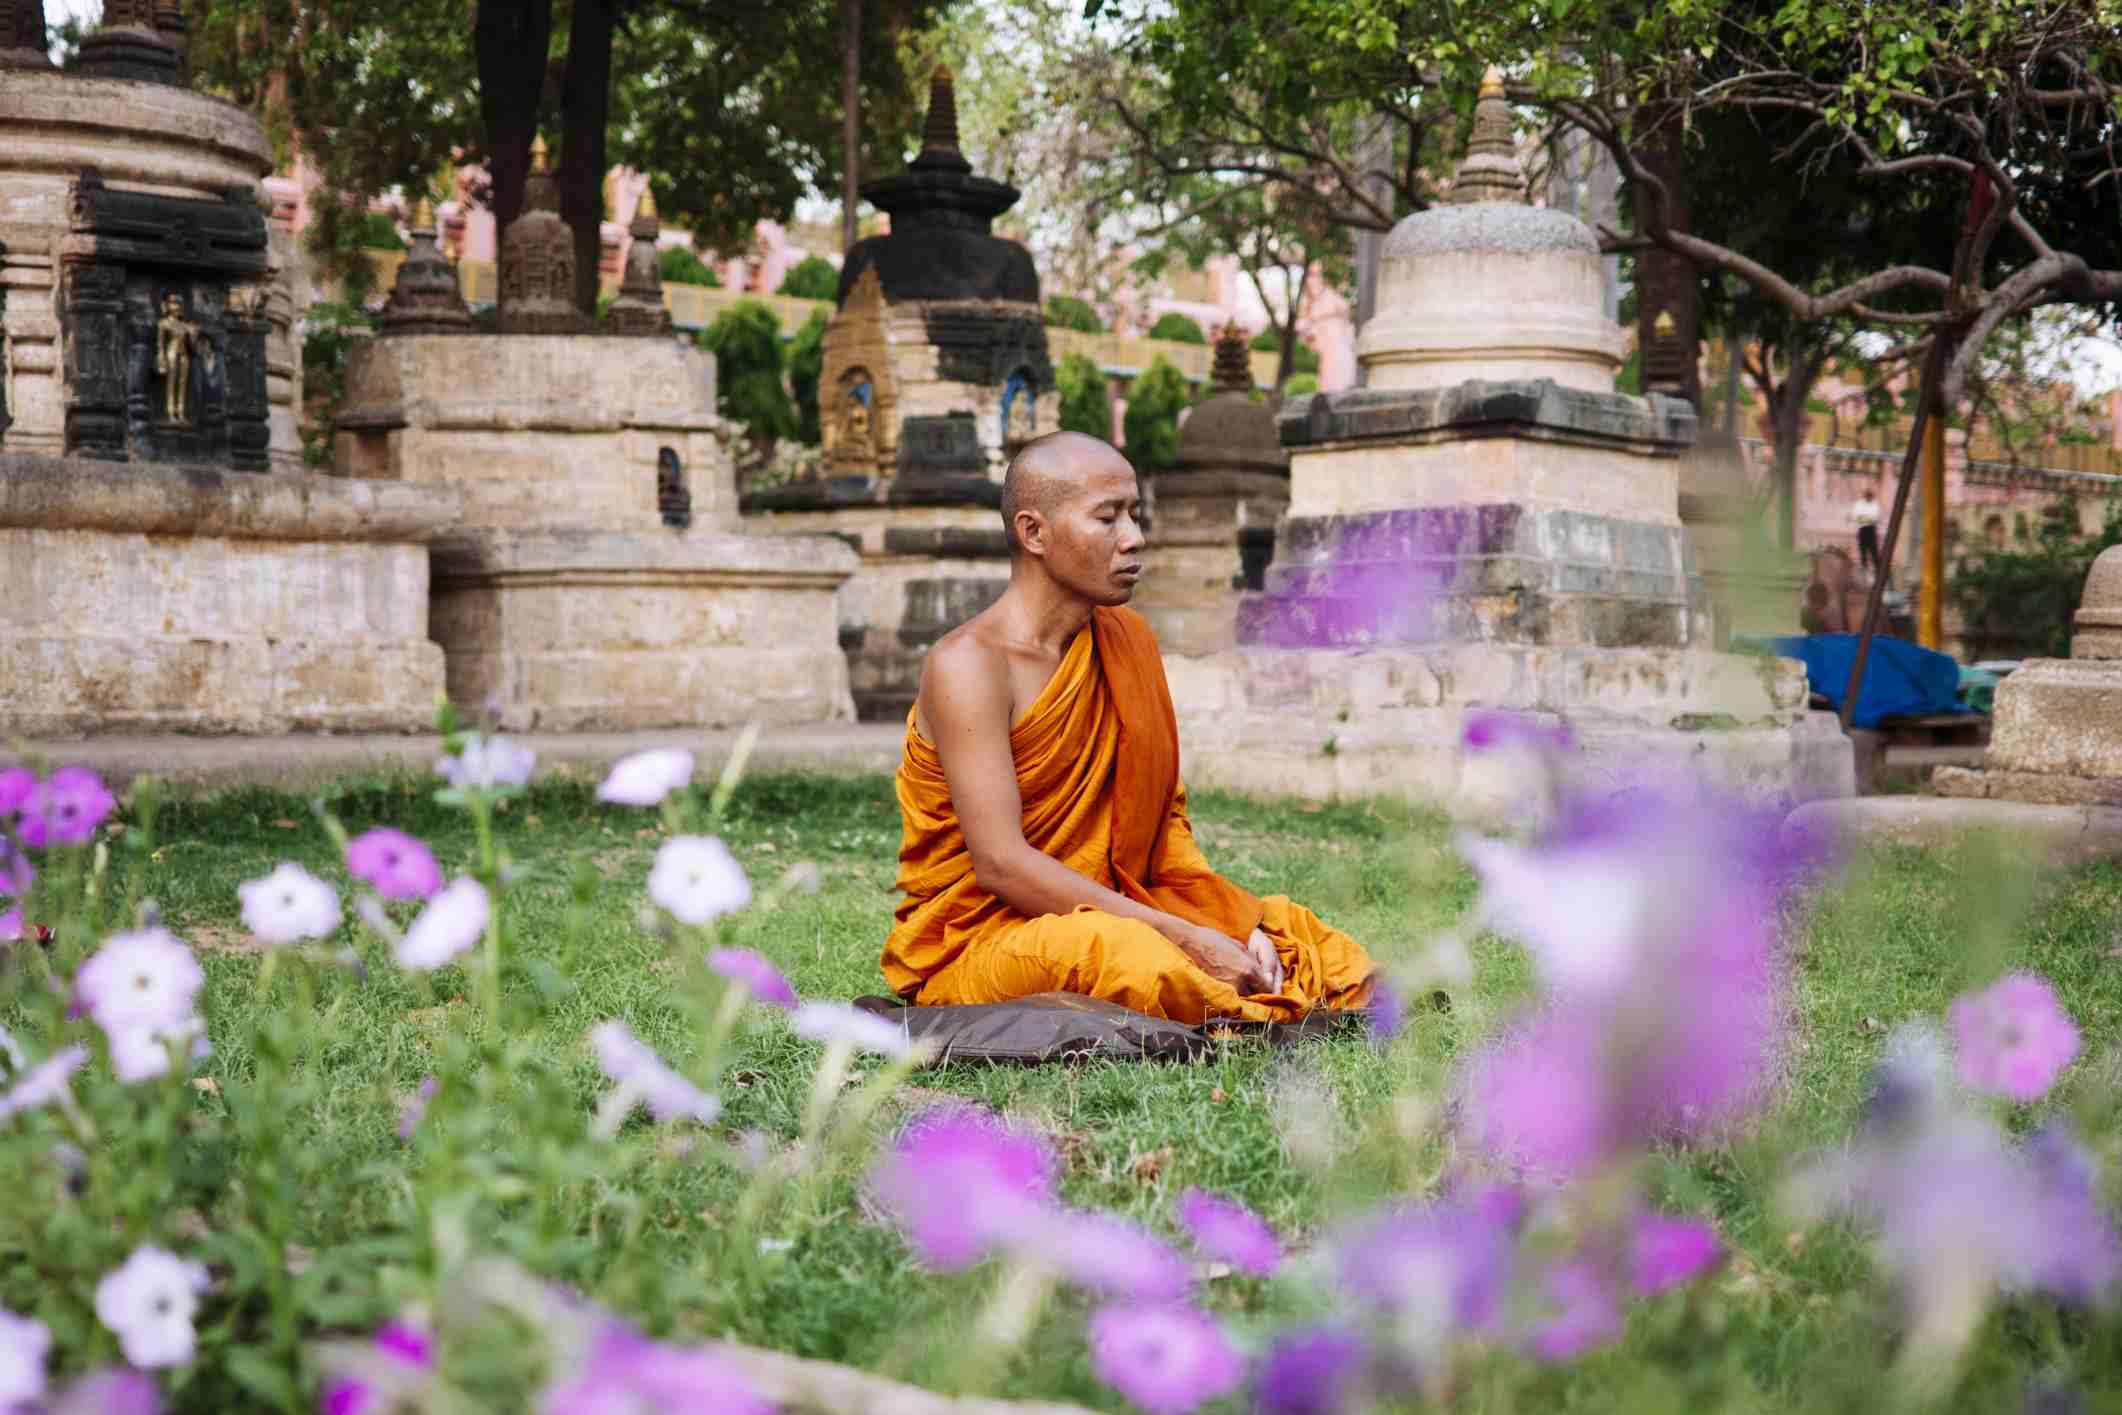 Meditating at Mahabodhi temple